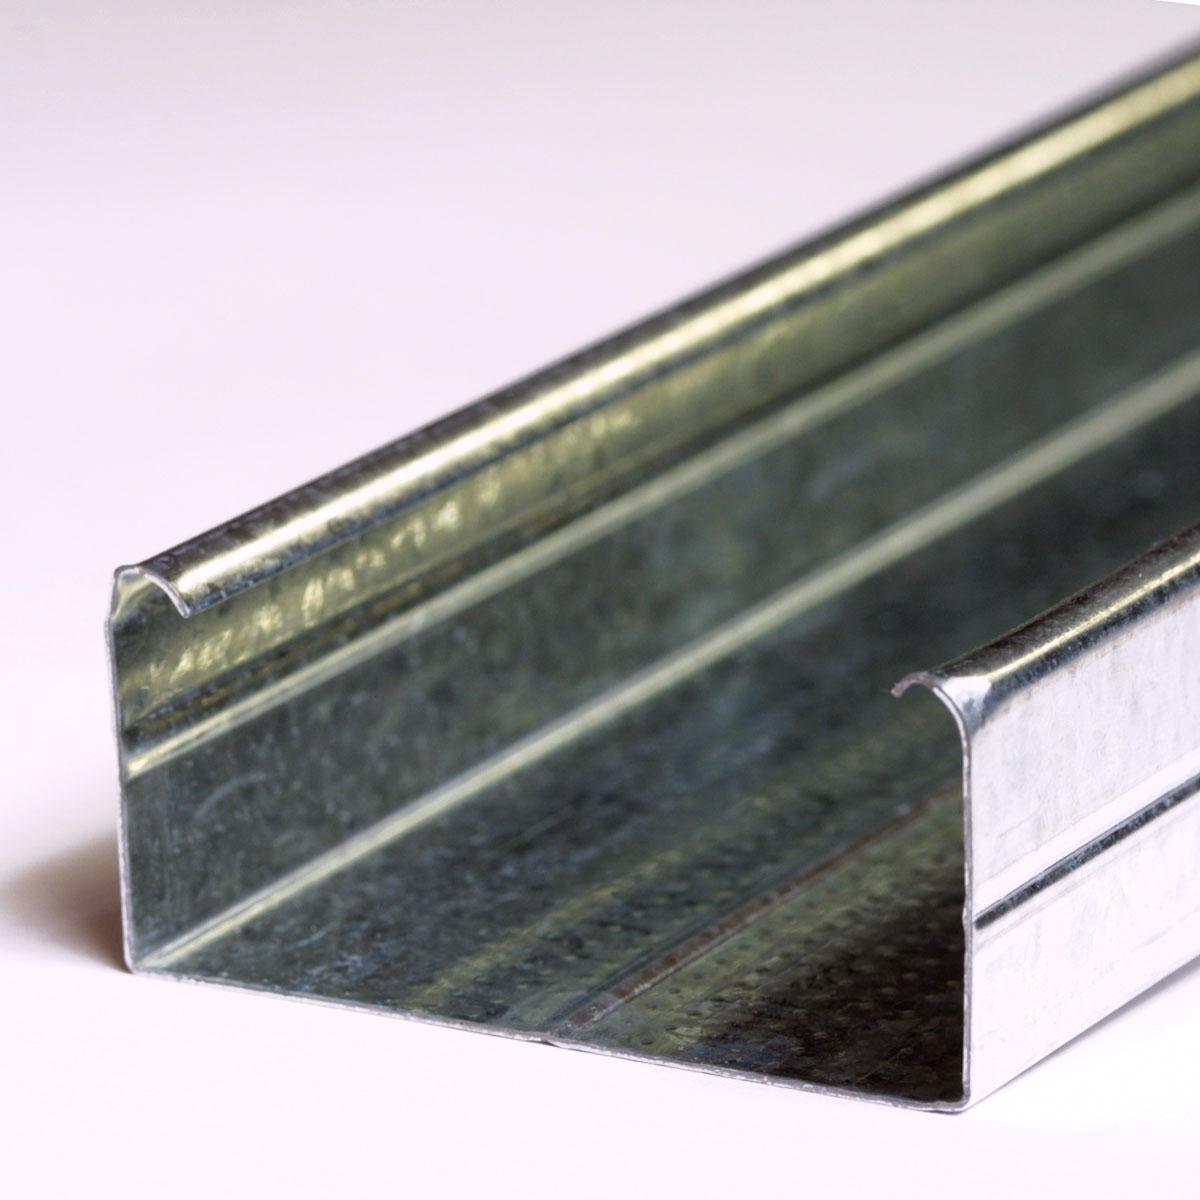 CD profil - Knauf 3000 mm